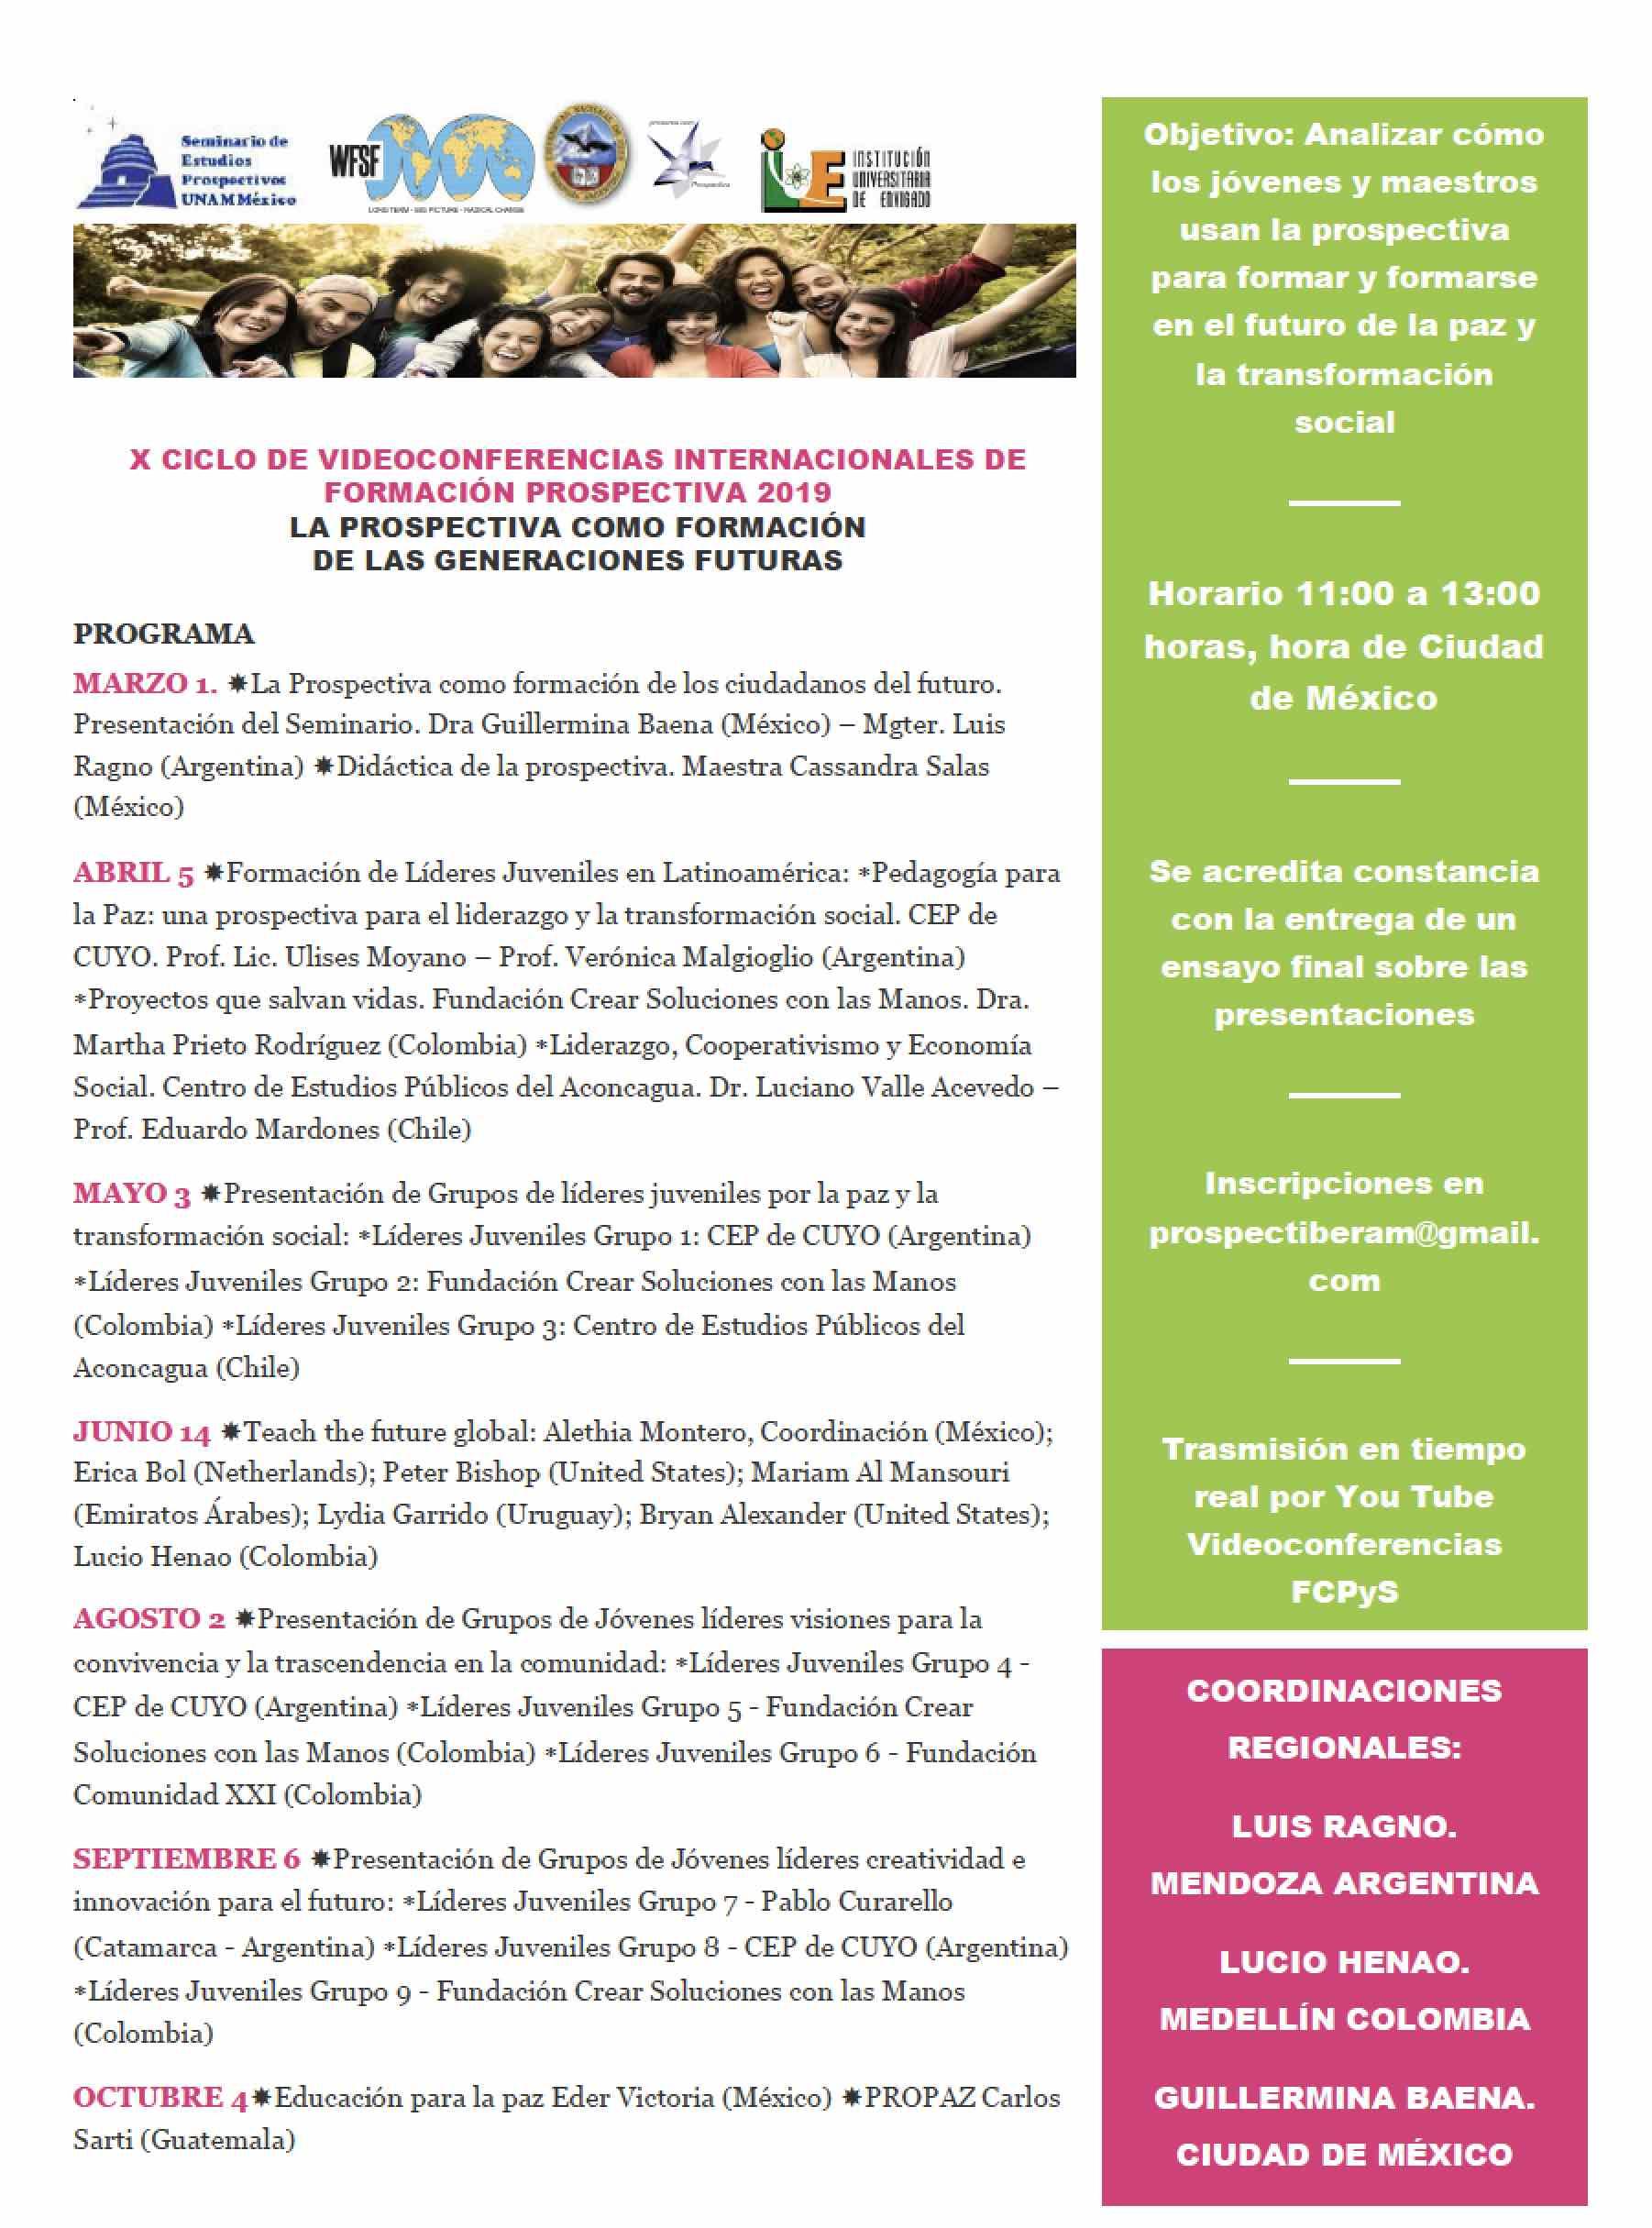 X Ciclo de videoconferencias internacionales de formación prospectiva 2019